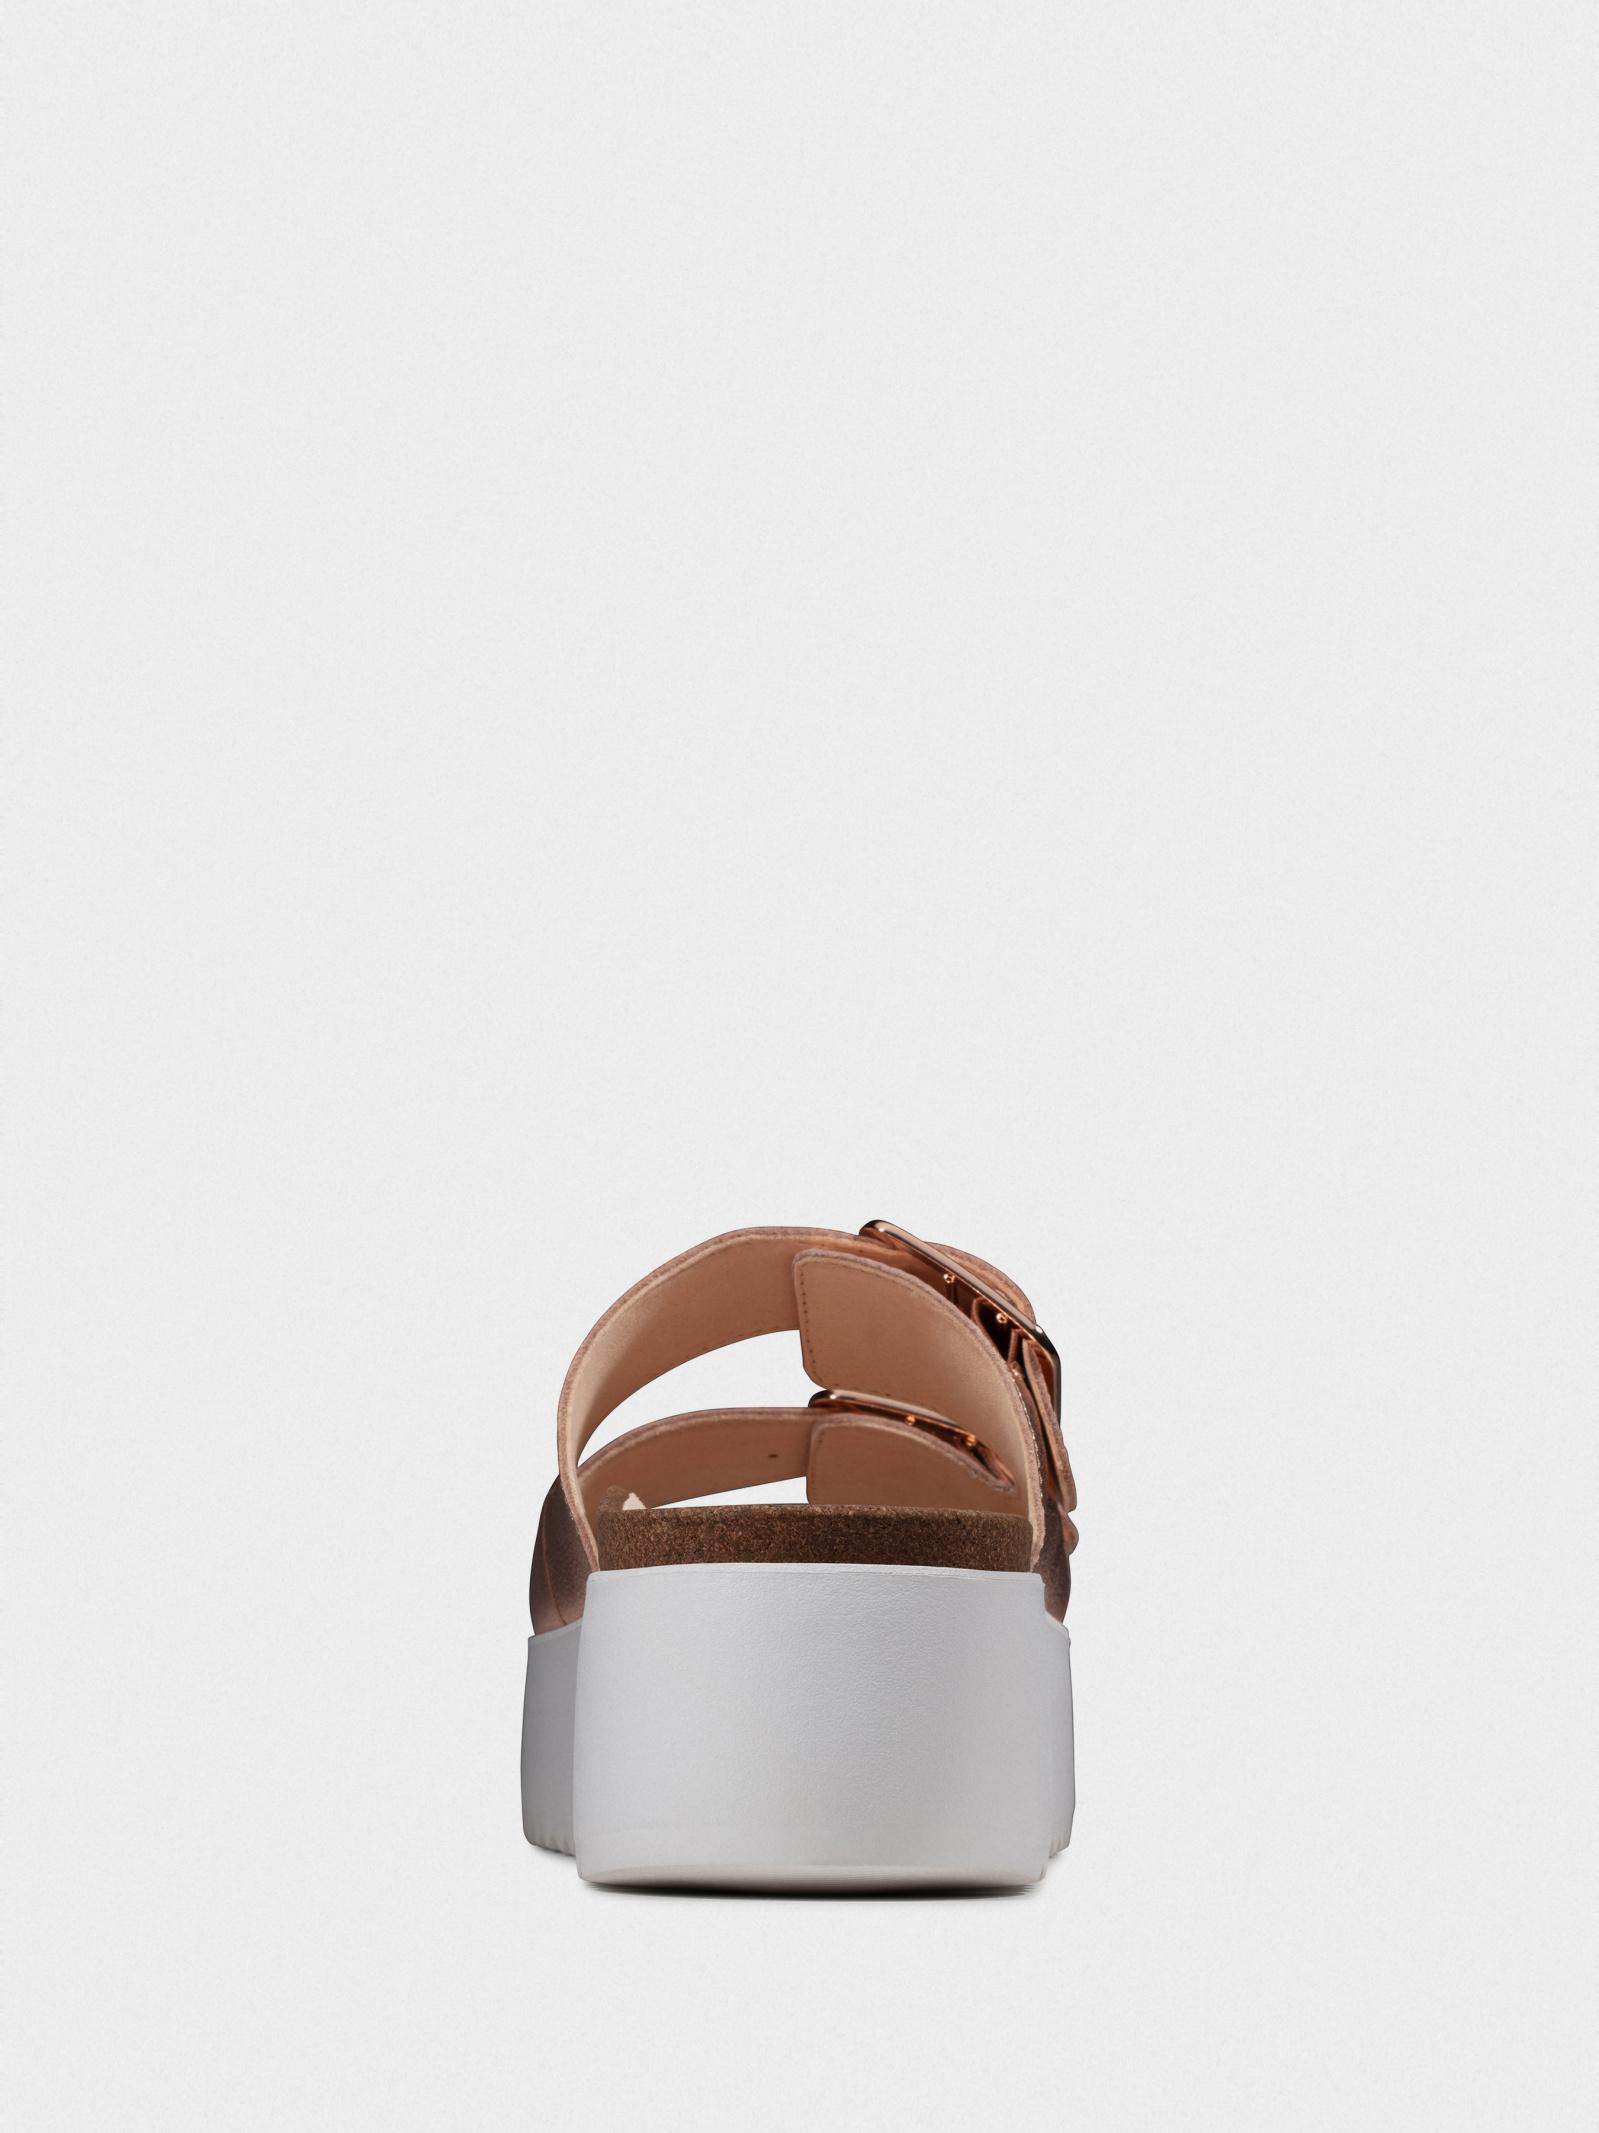 Шльопанці  для жінок Clarks 26147520 модне взуття, 2017